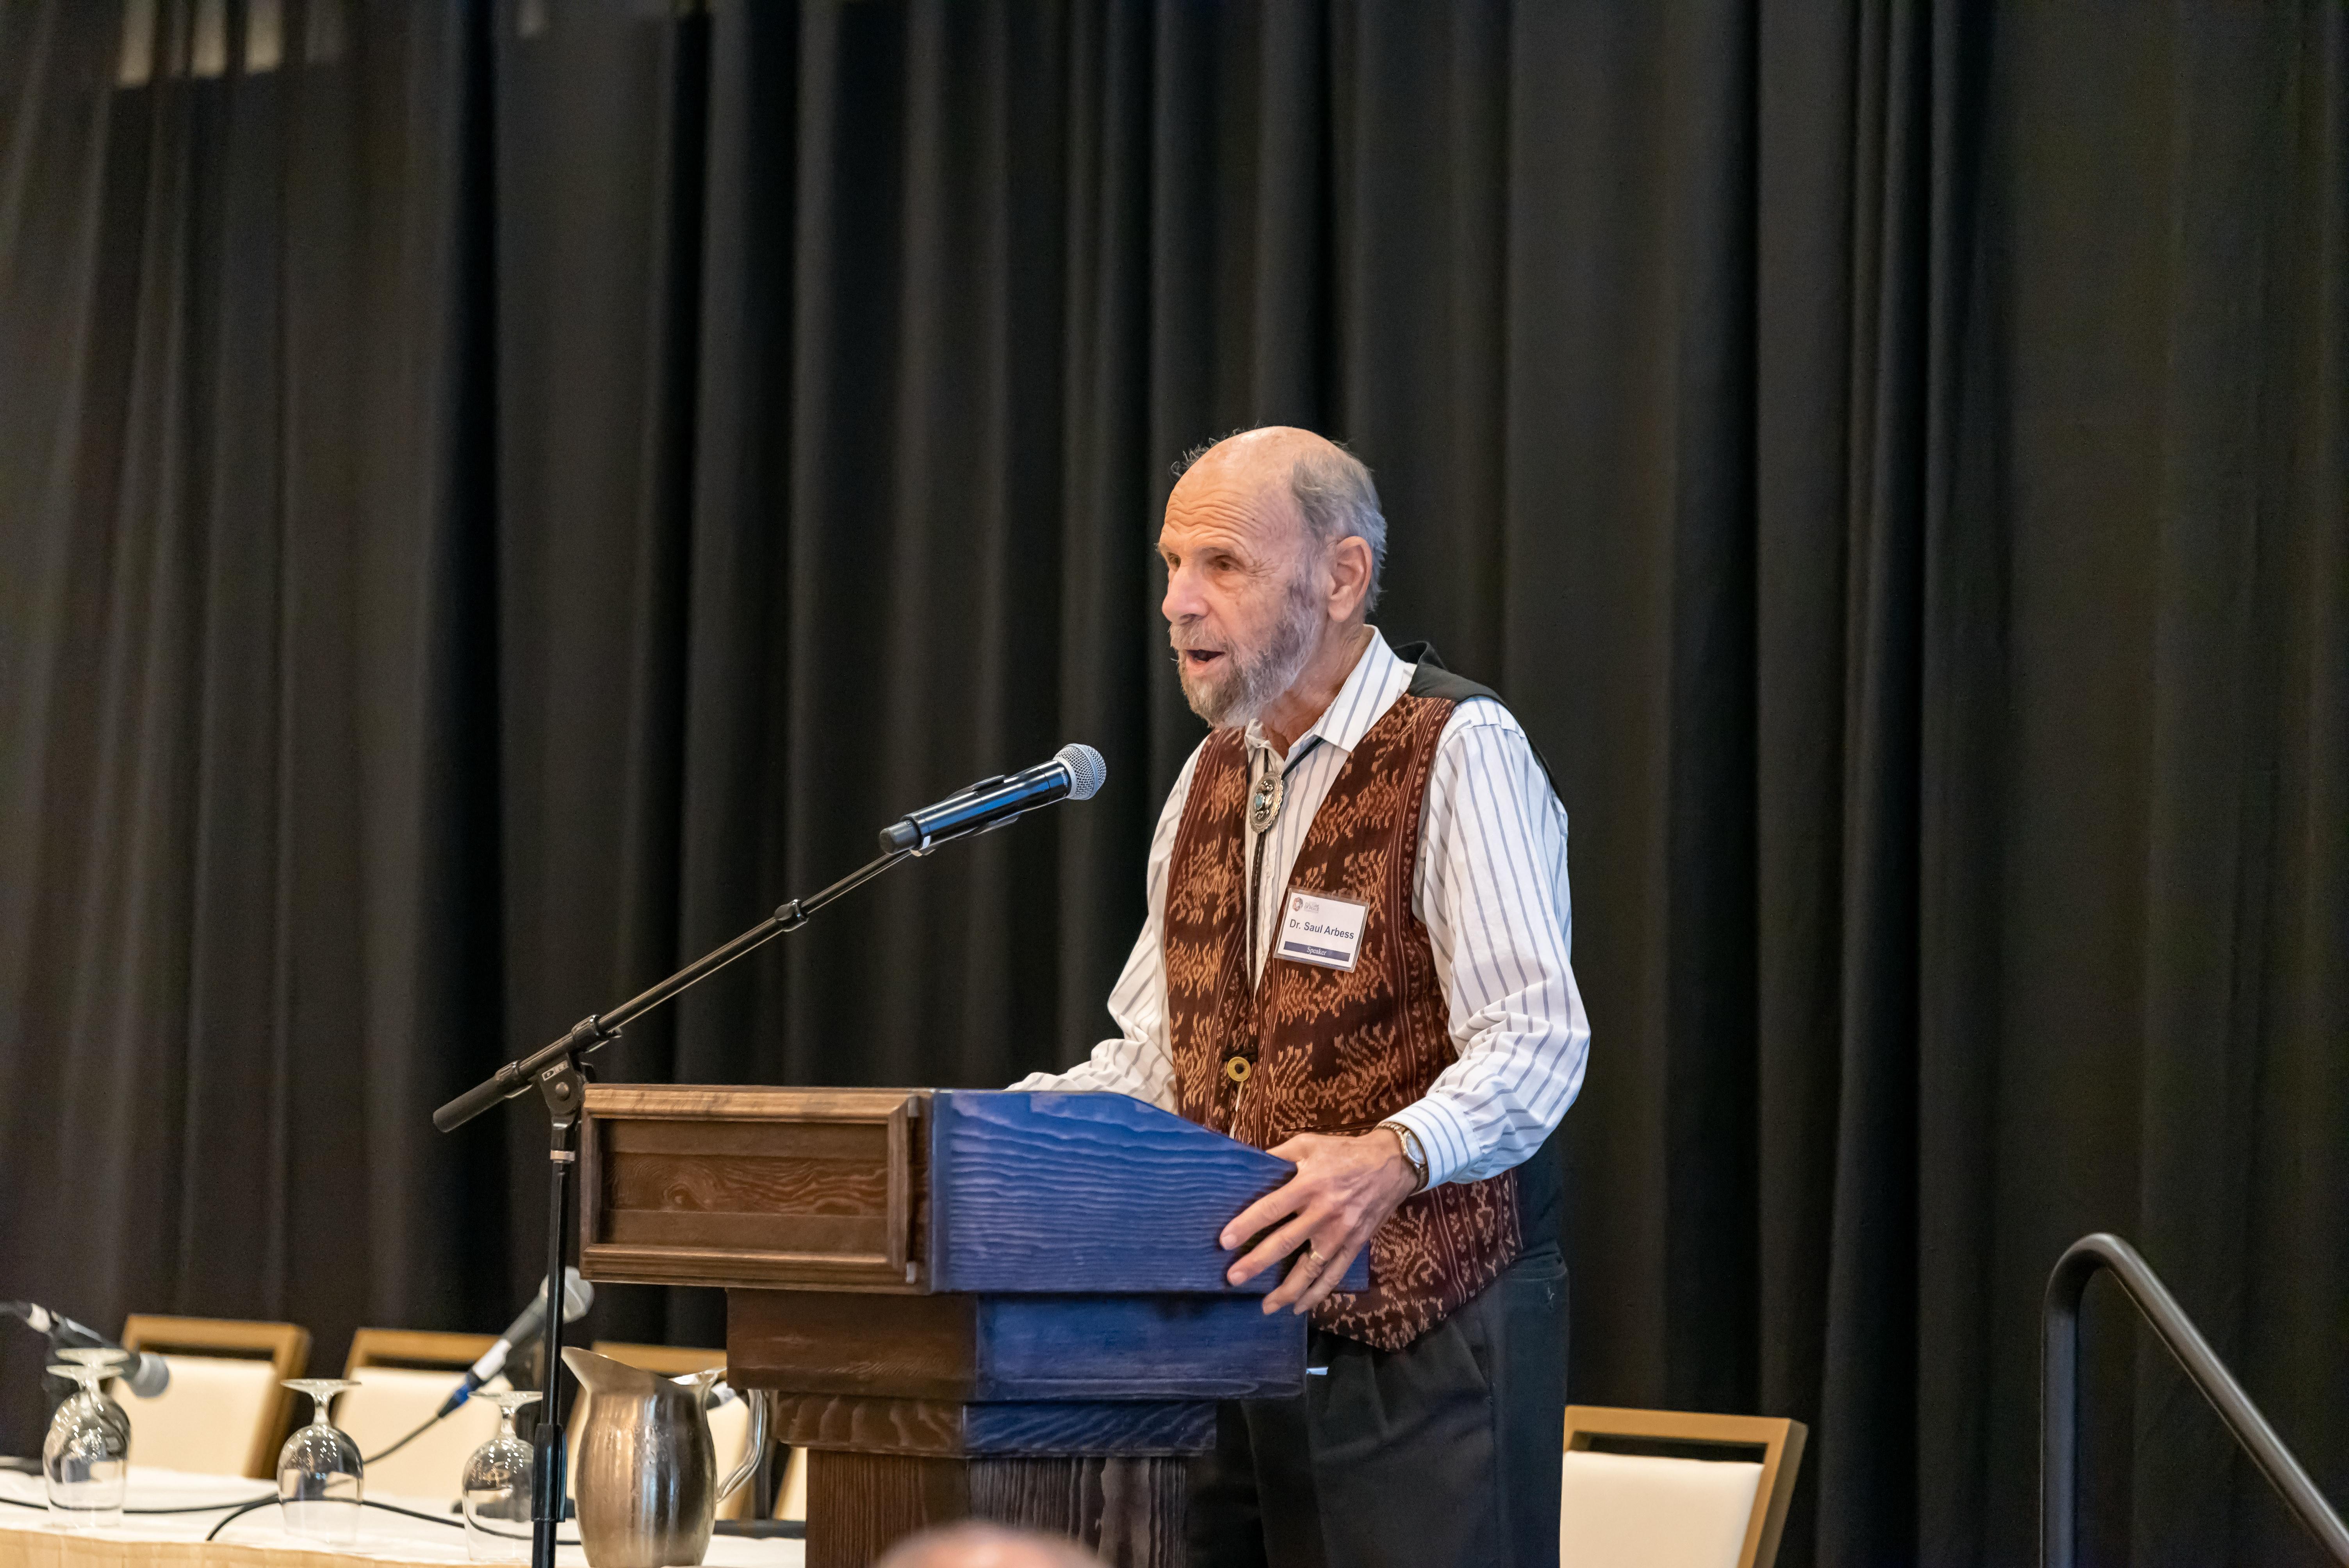 Dr. Saul Arbess